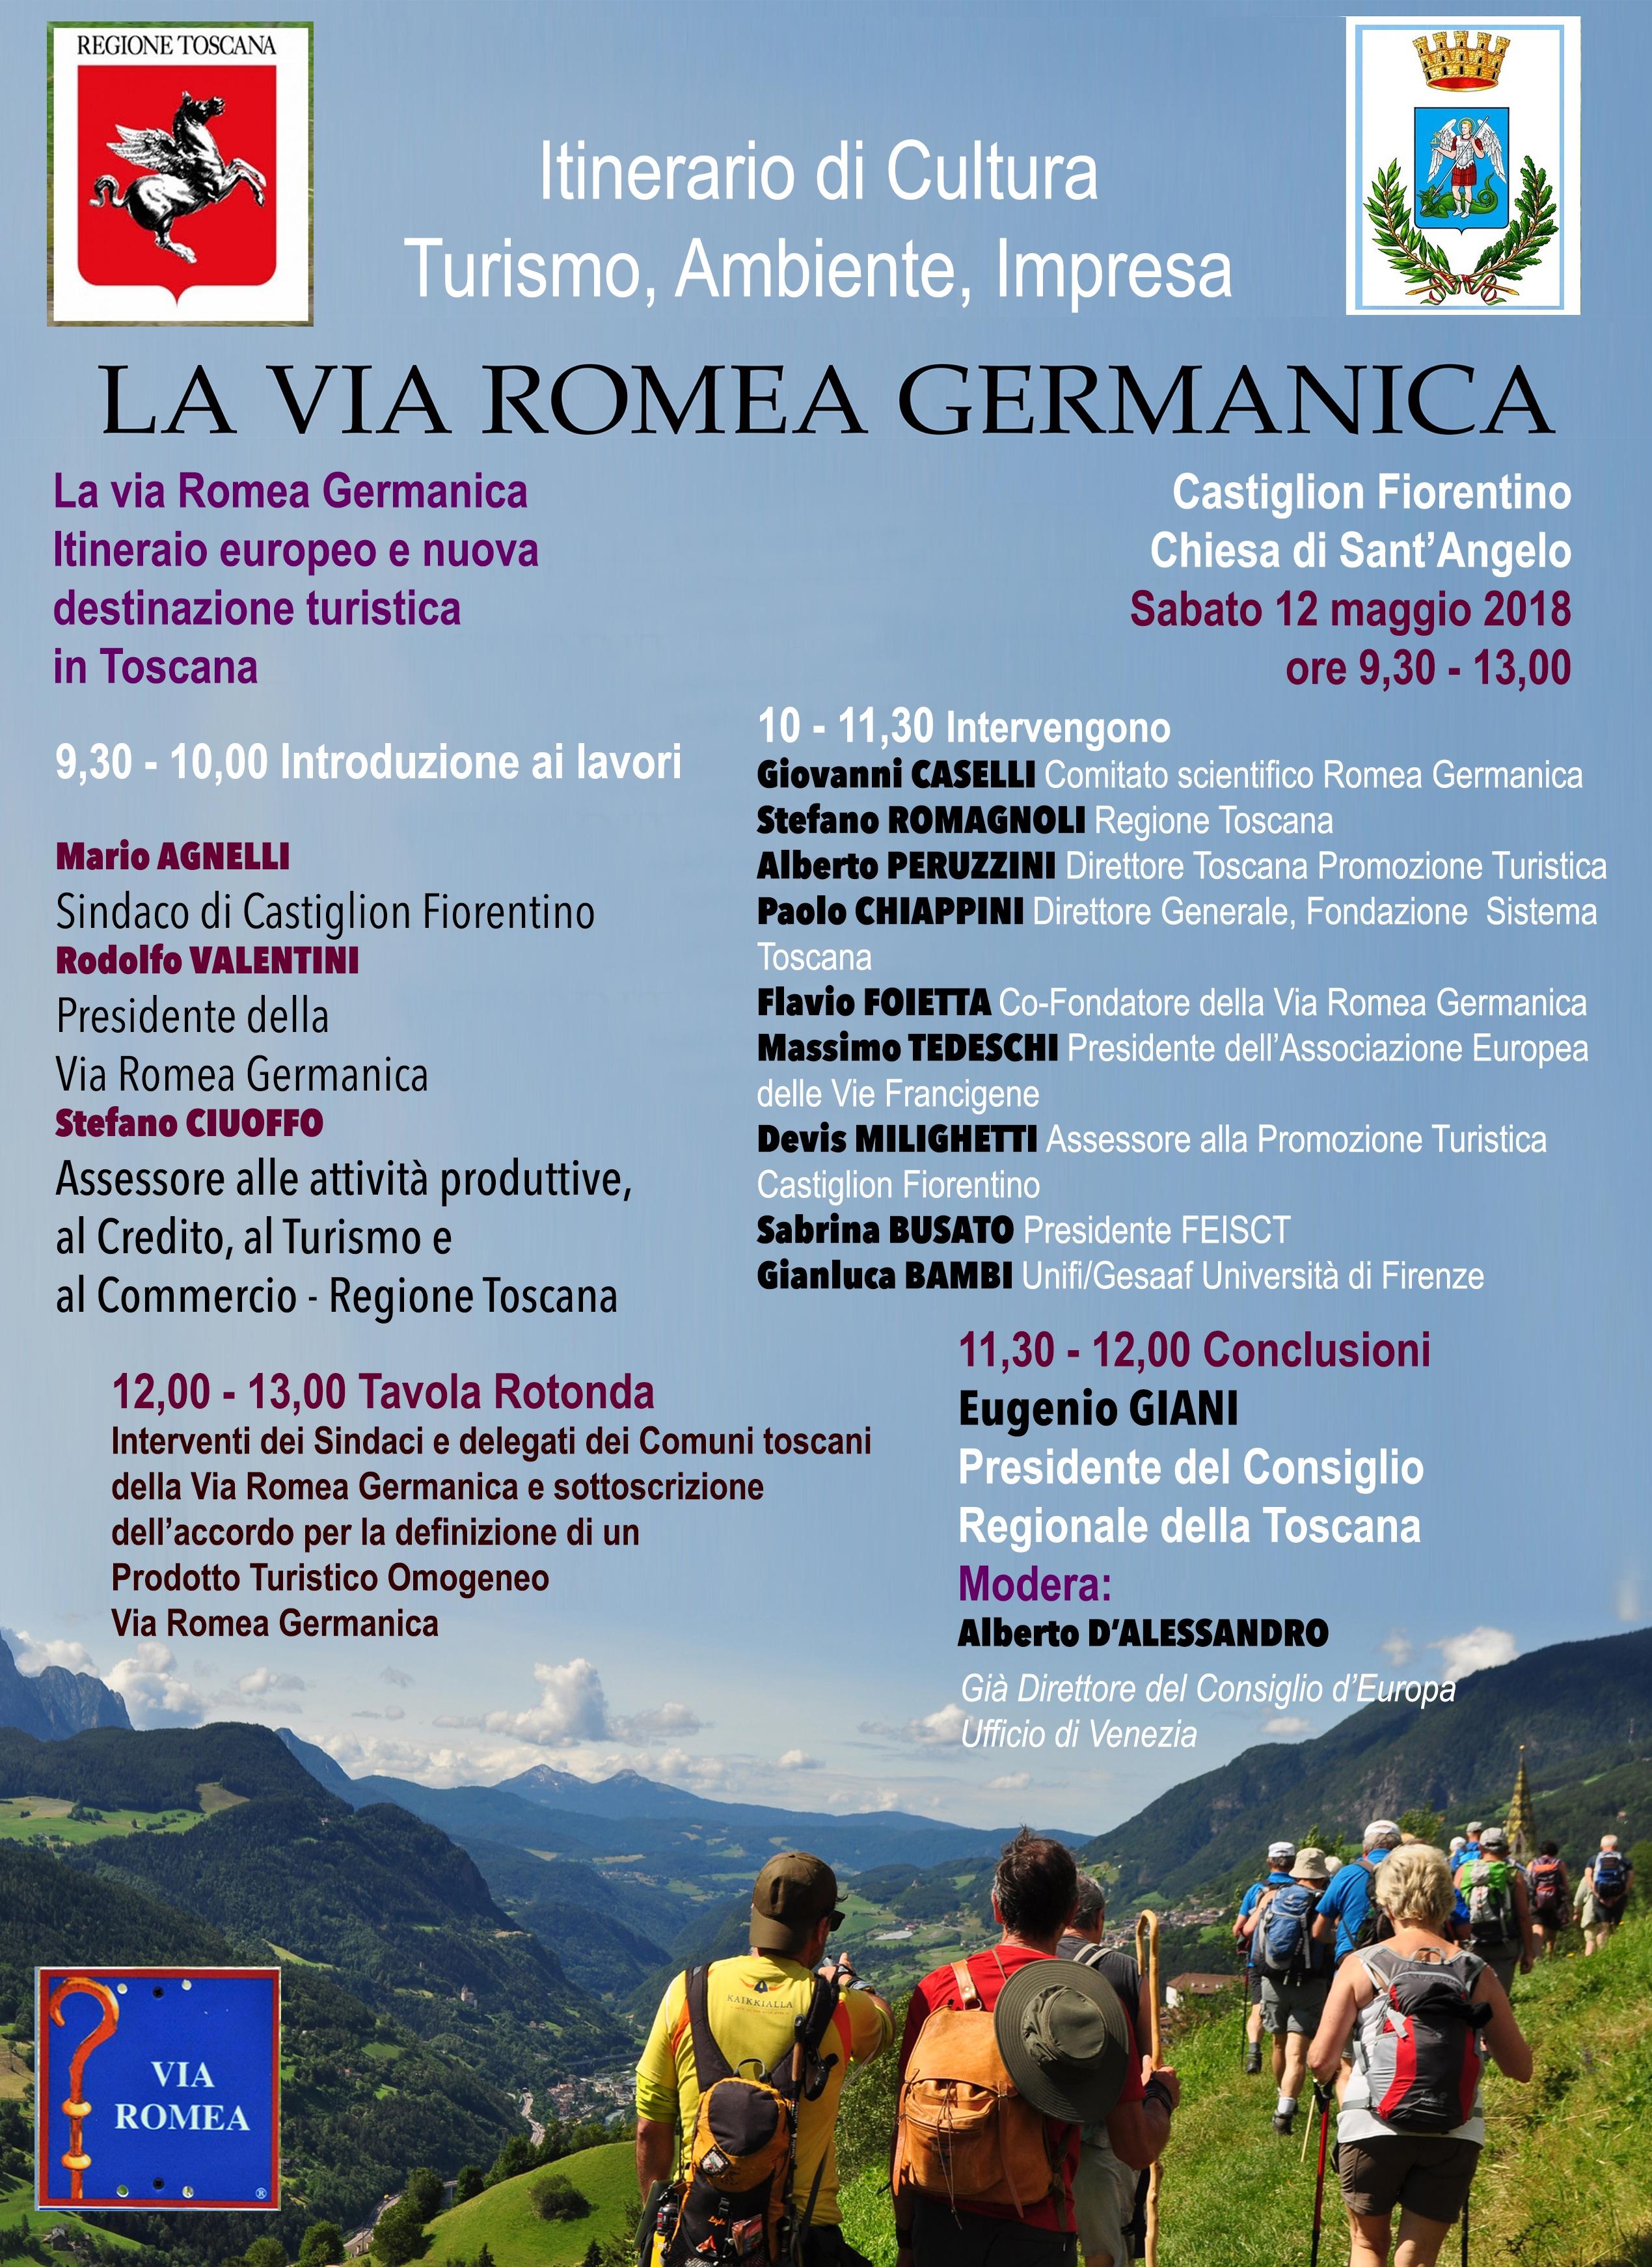 """La """"Via Romea Germanica"""", itinerario europeo e nuova destinazione turistica in Toscana"""